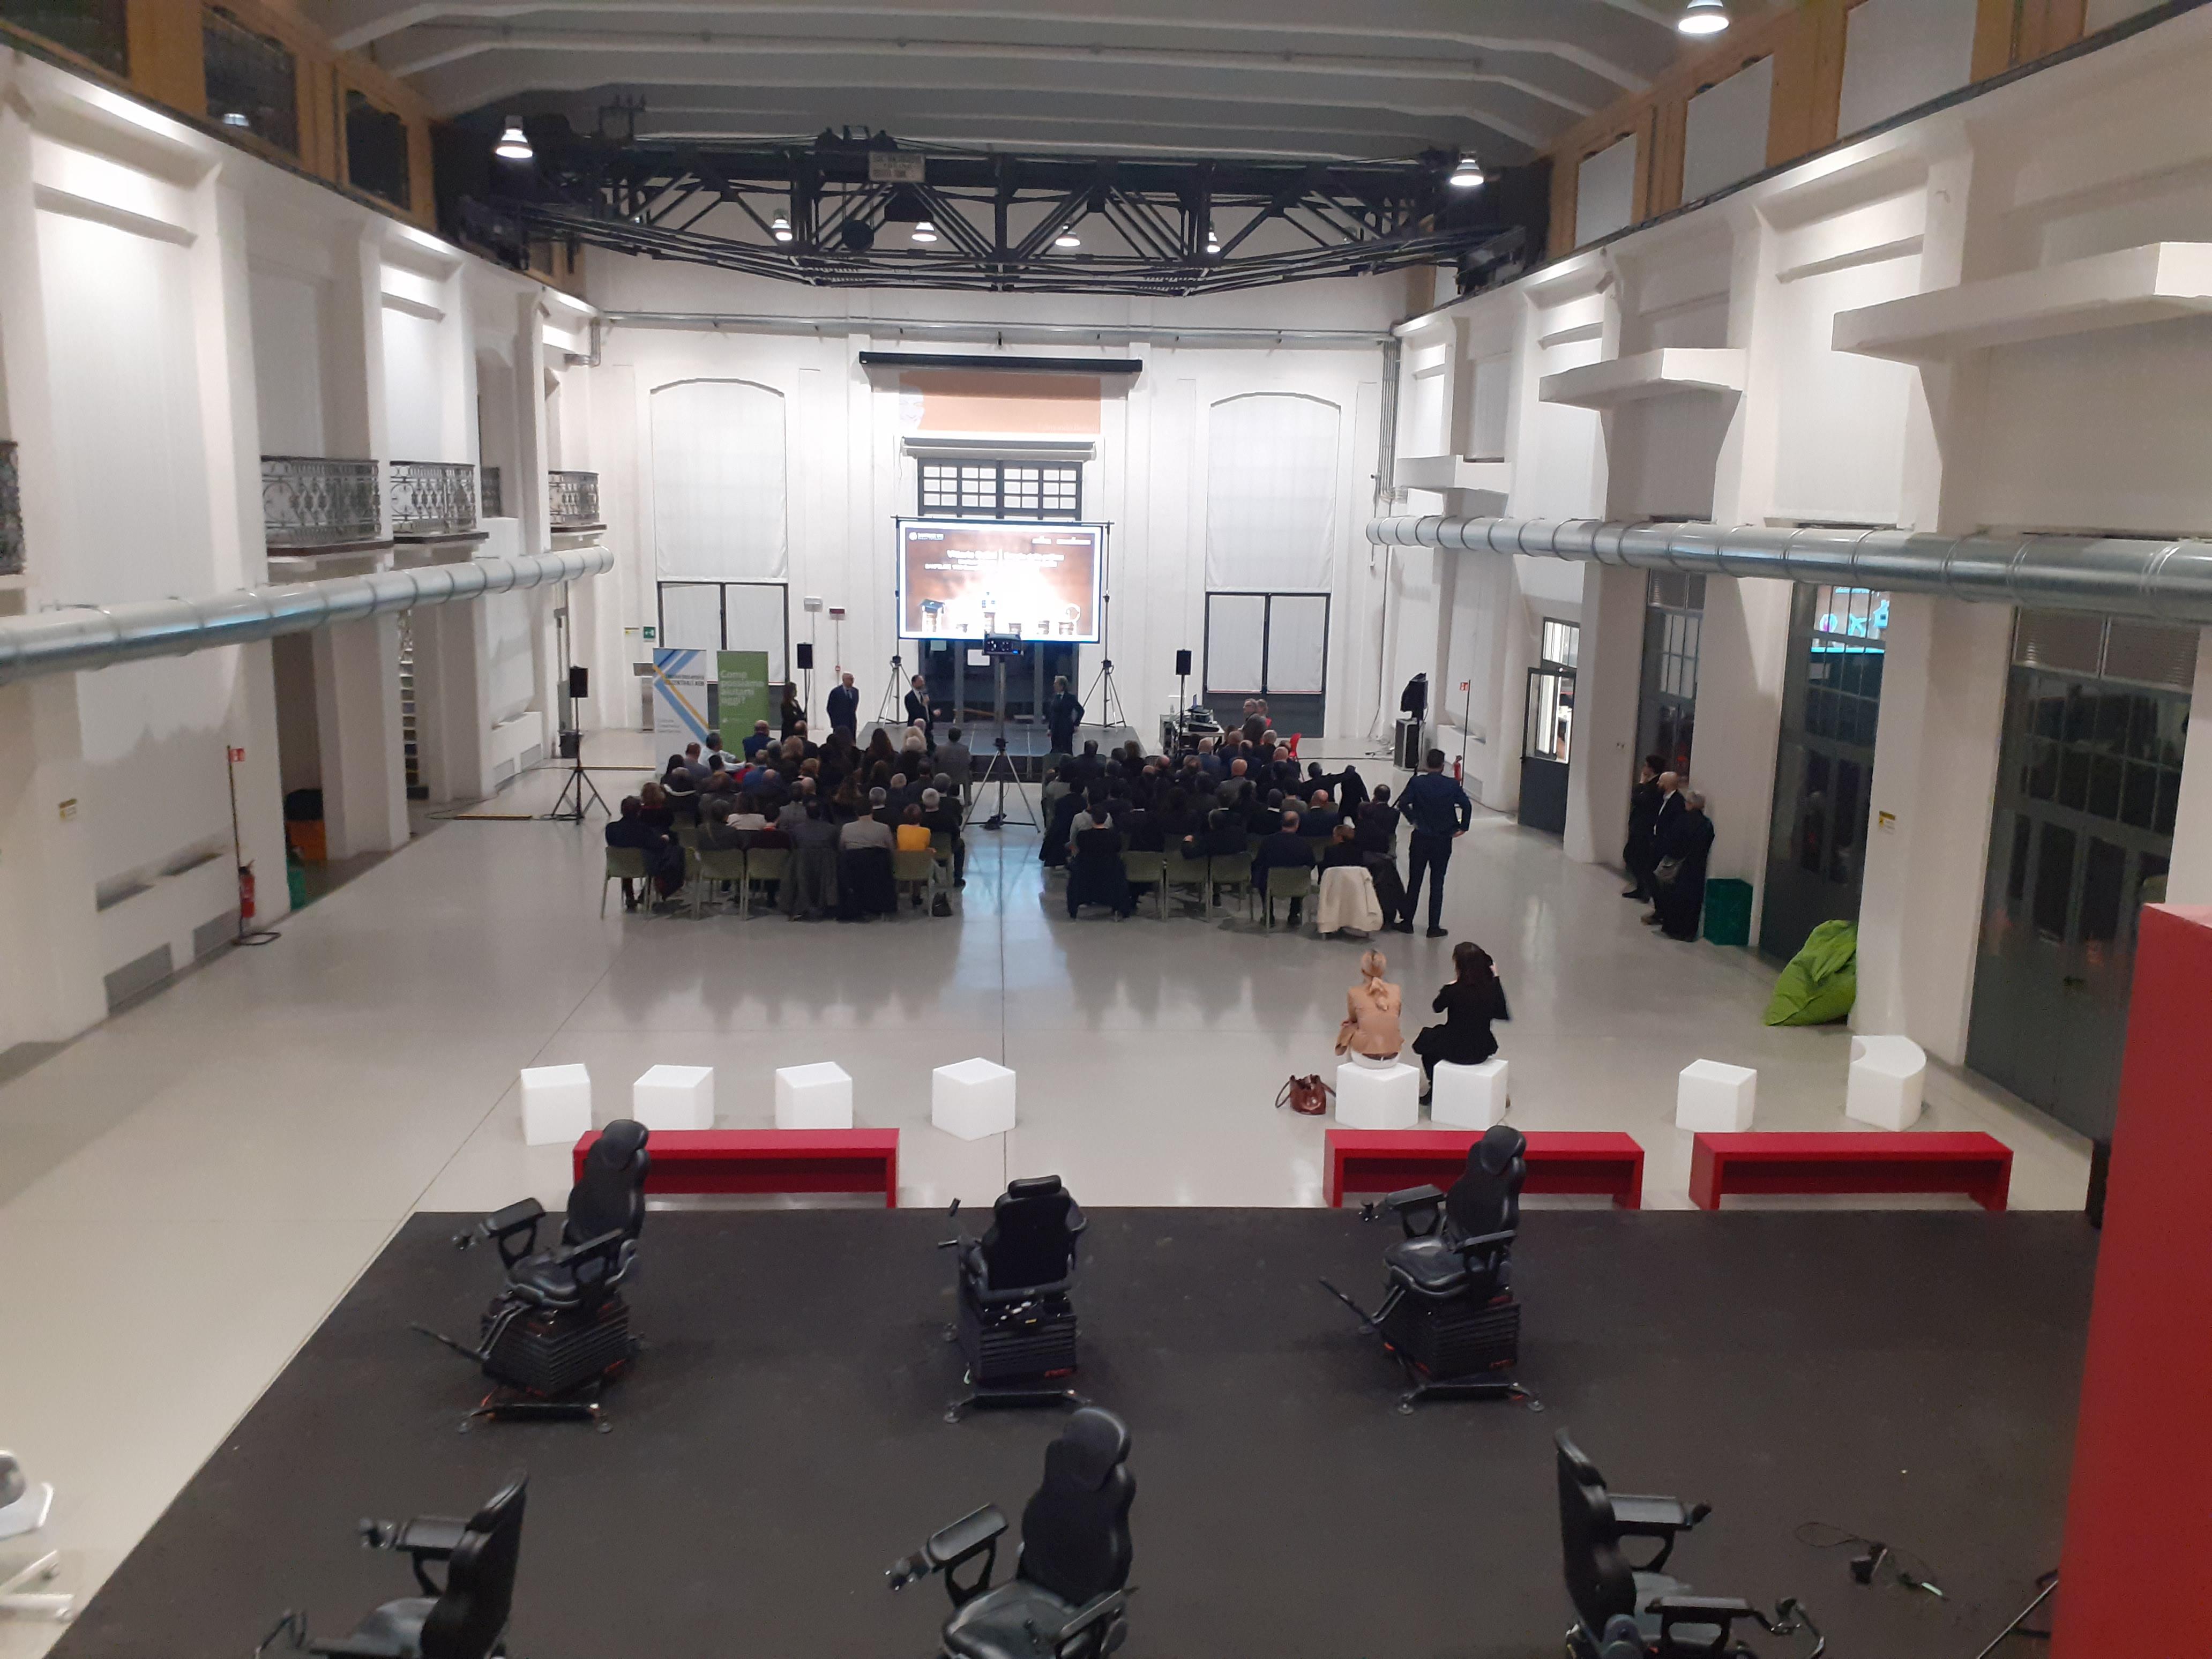 Conferenza stampa nella galleria centrale del Laboratorio Aperto